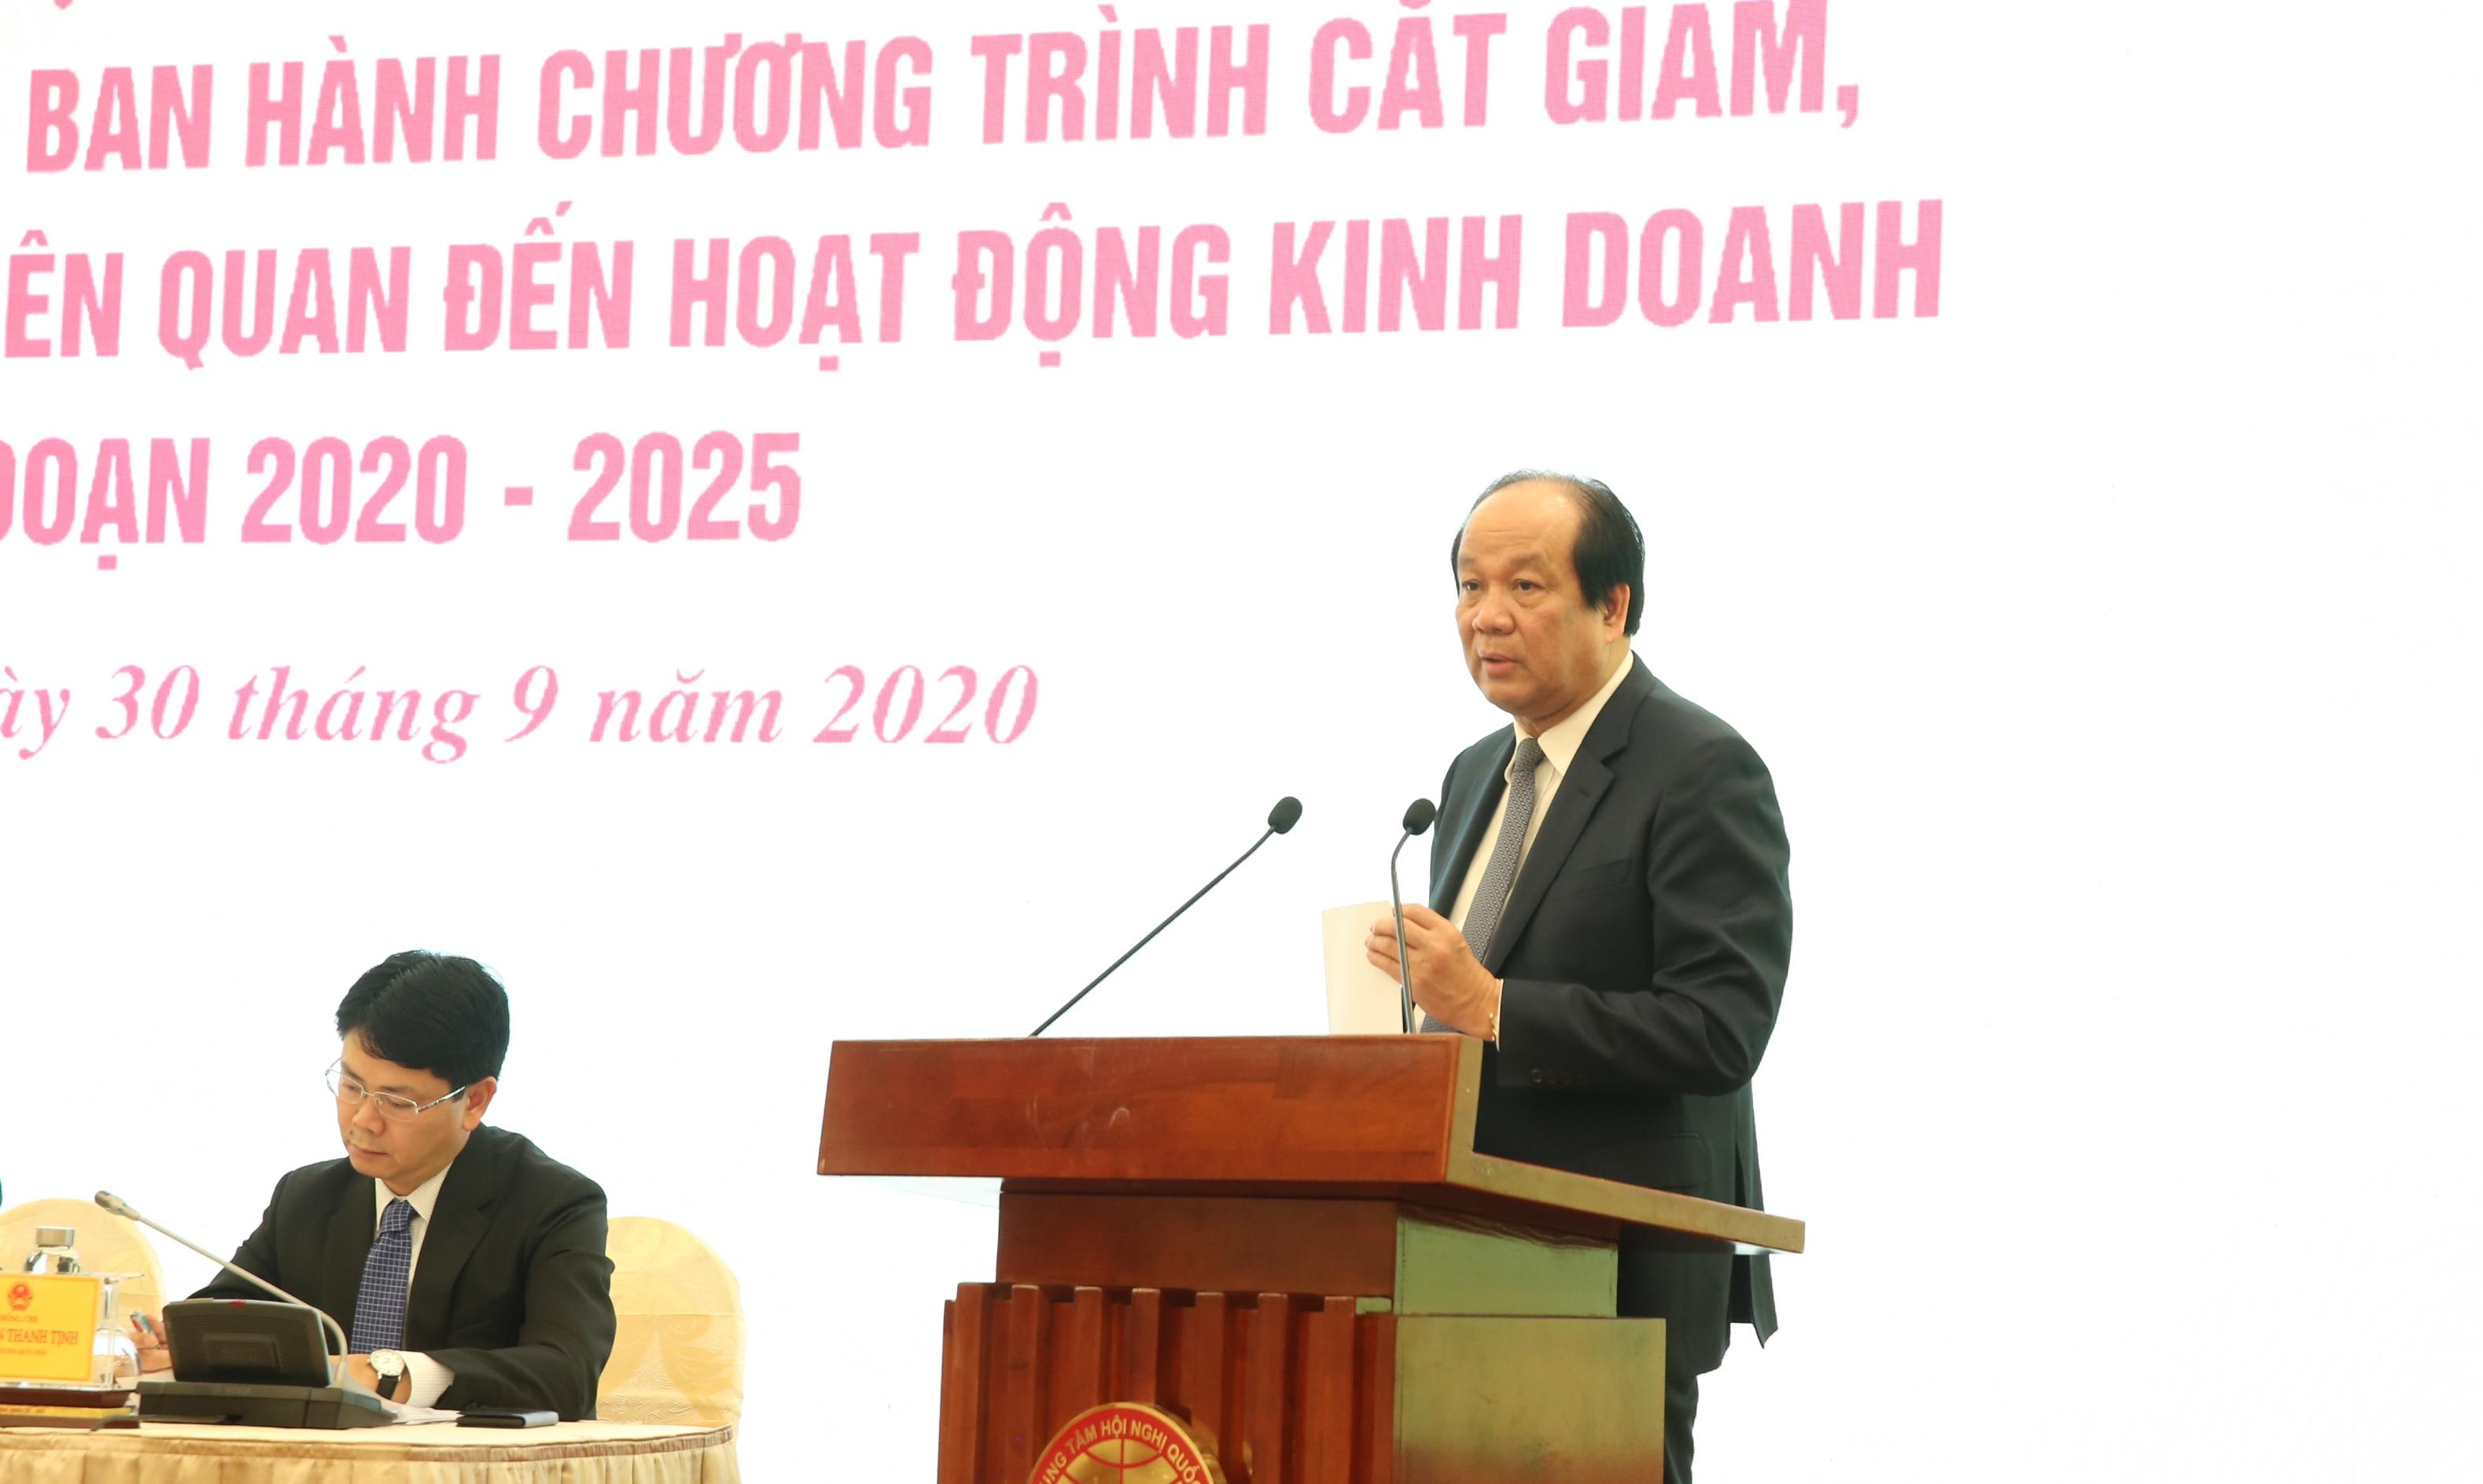 Bộ trưởng Mai Tiến Dũng phát biểu tại buổi họp báo